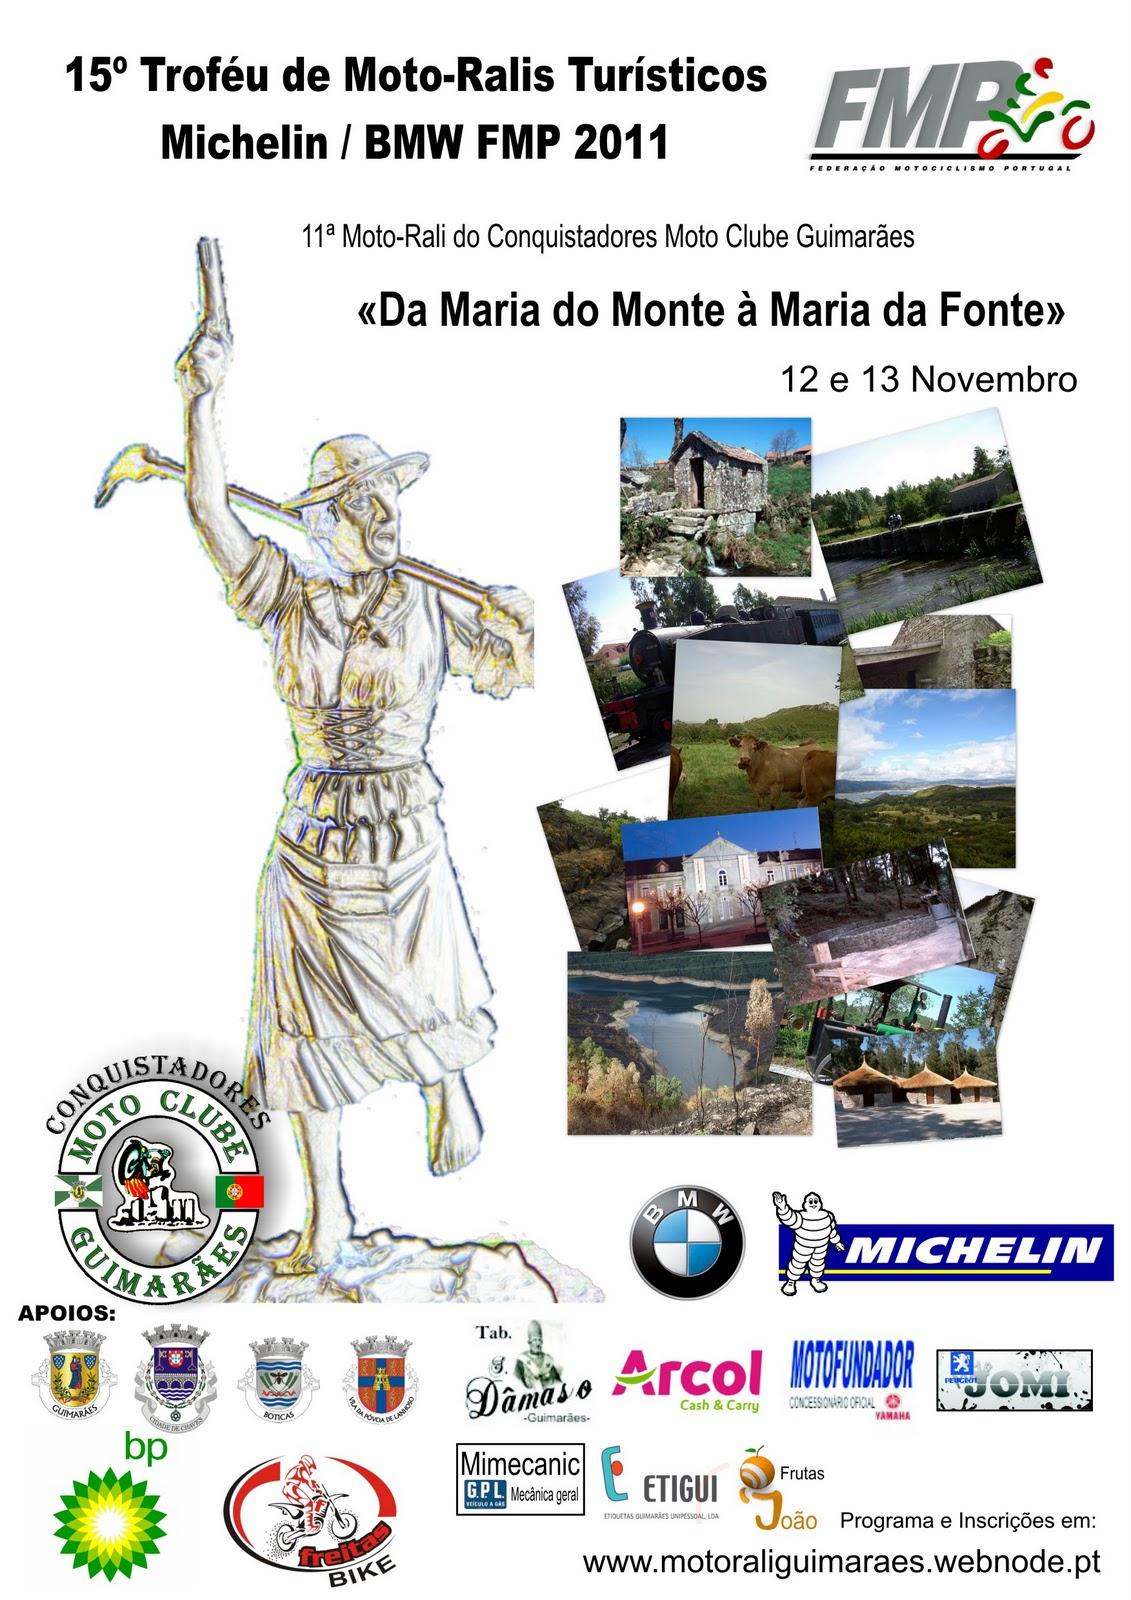 11º Moto-Rali C.M.C.Guimarães-12-13/11/2011 Cartaz%20MR%20Guimar%25C3%25A3es%202011